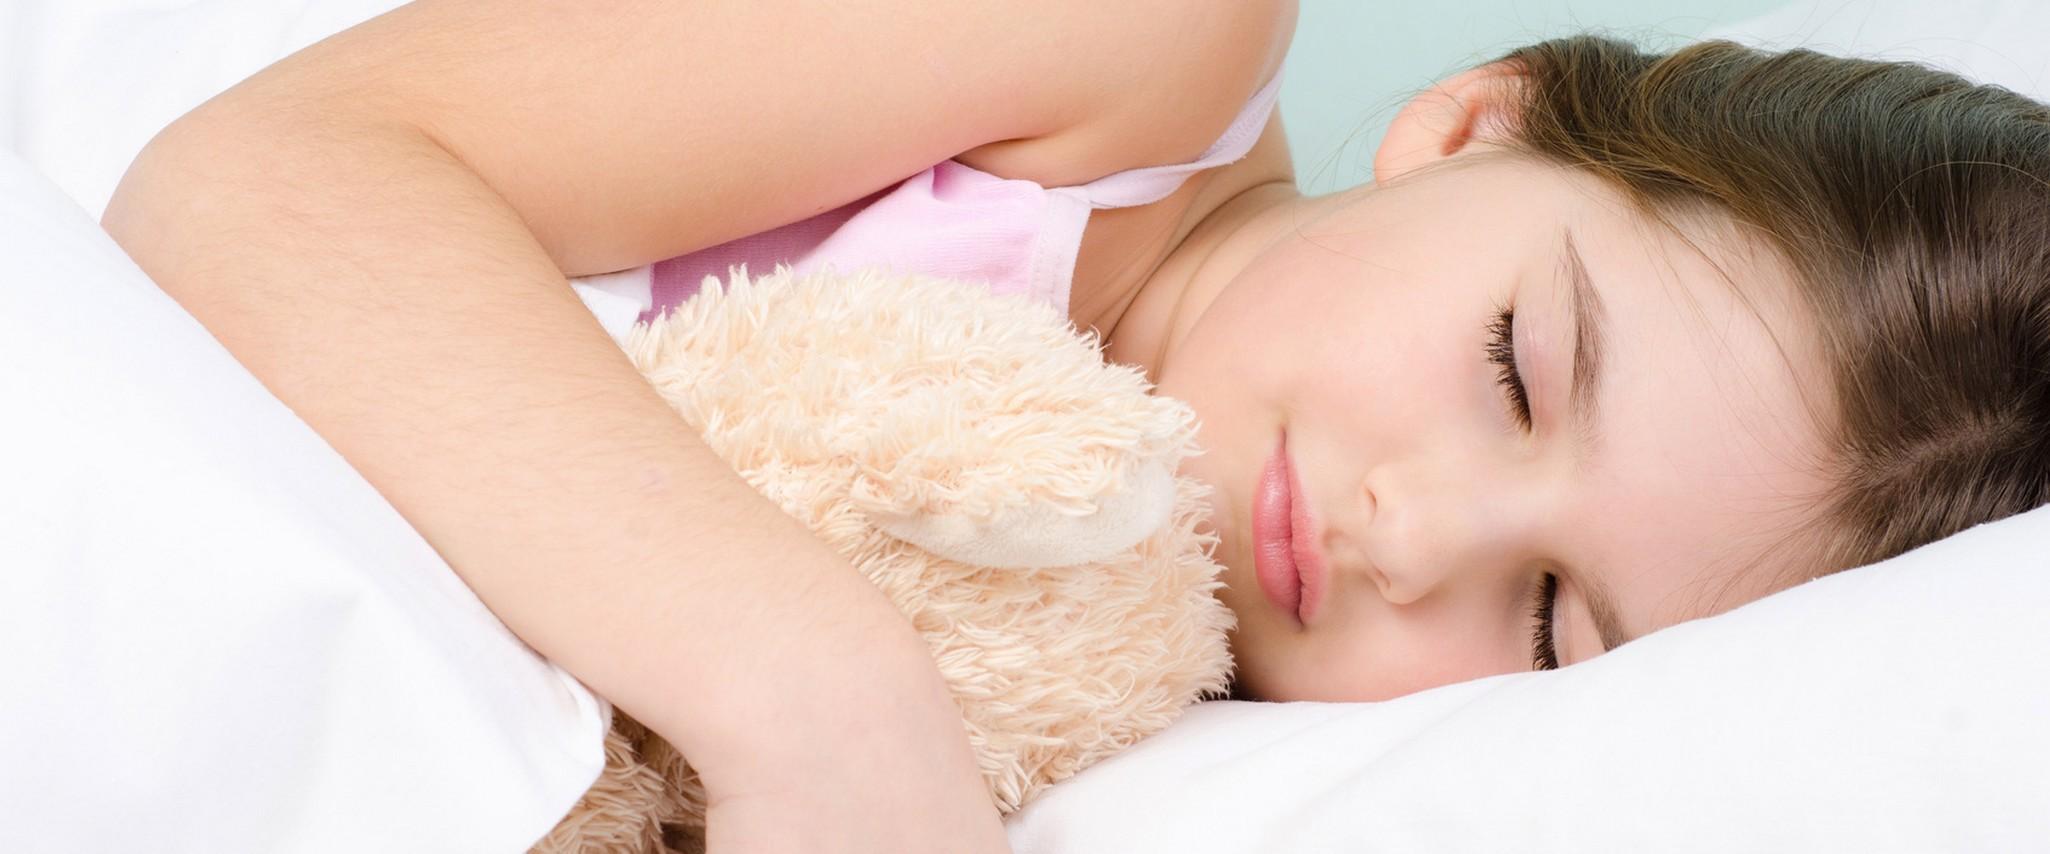 Verringern Sie die während des Schlafs mögliche eintretende Erstickungsgefahr